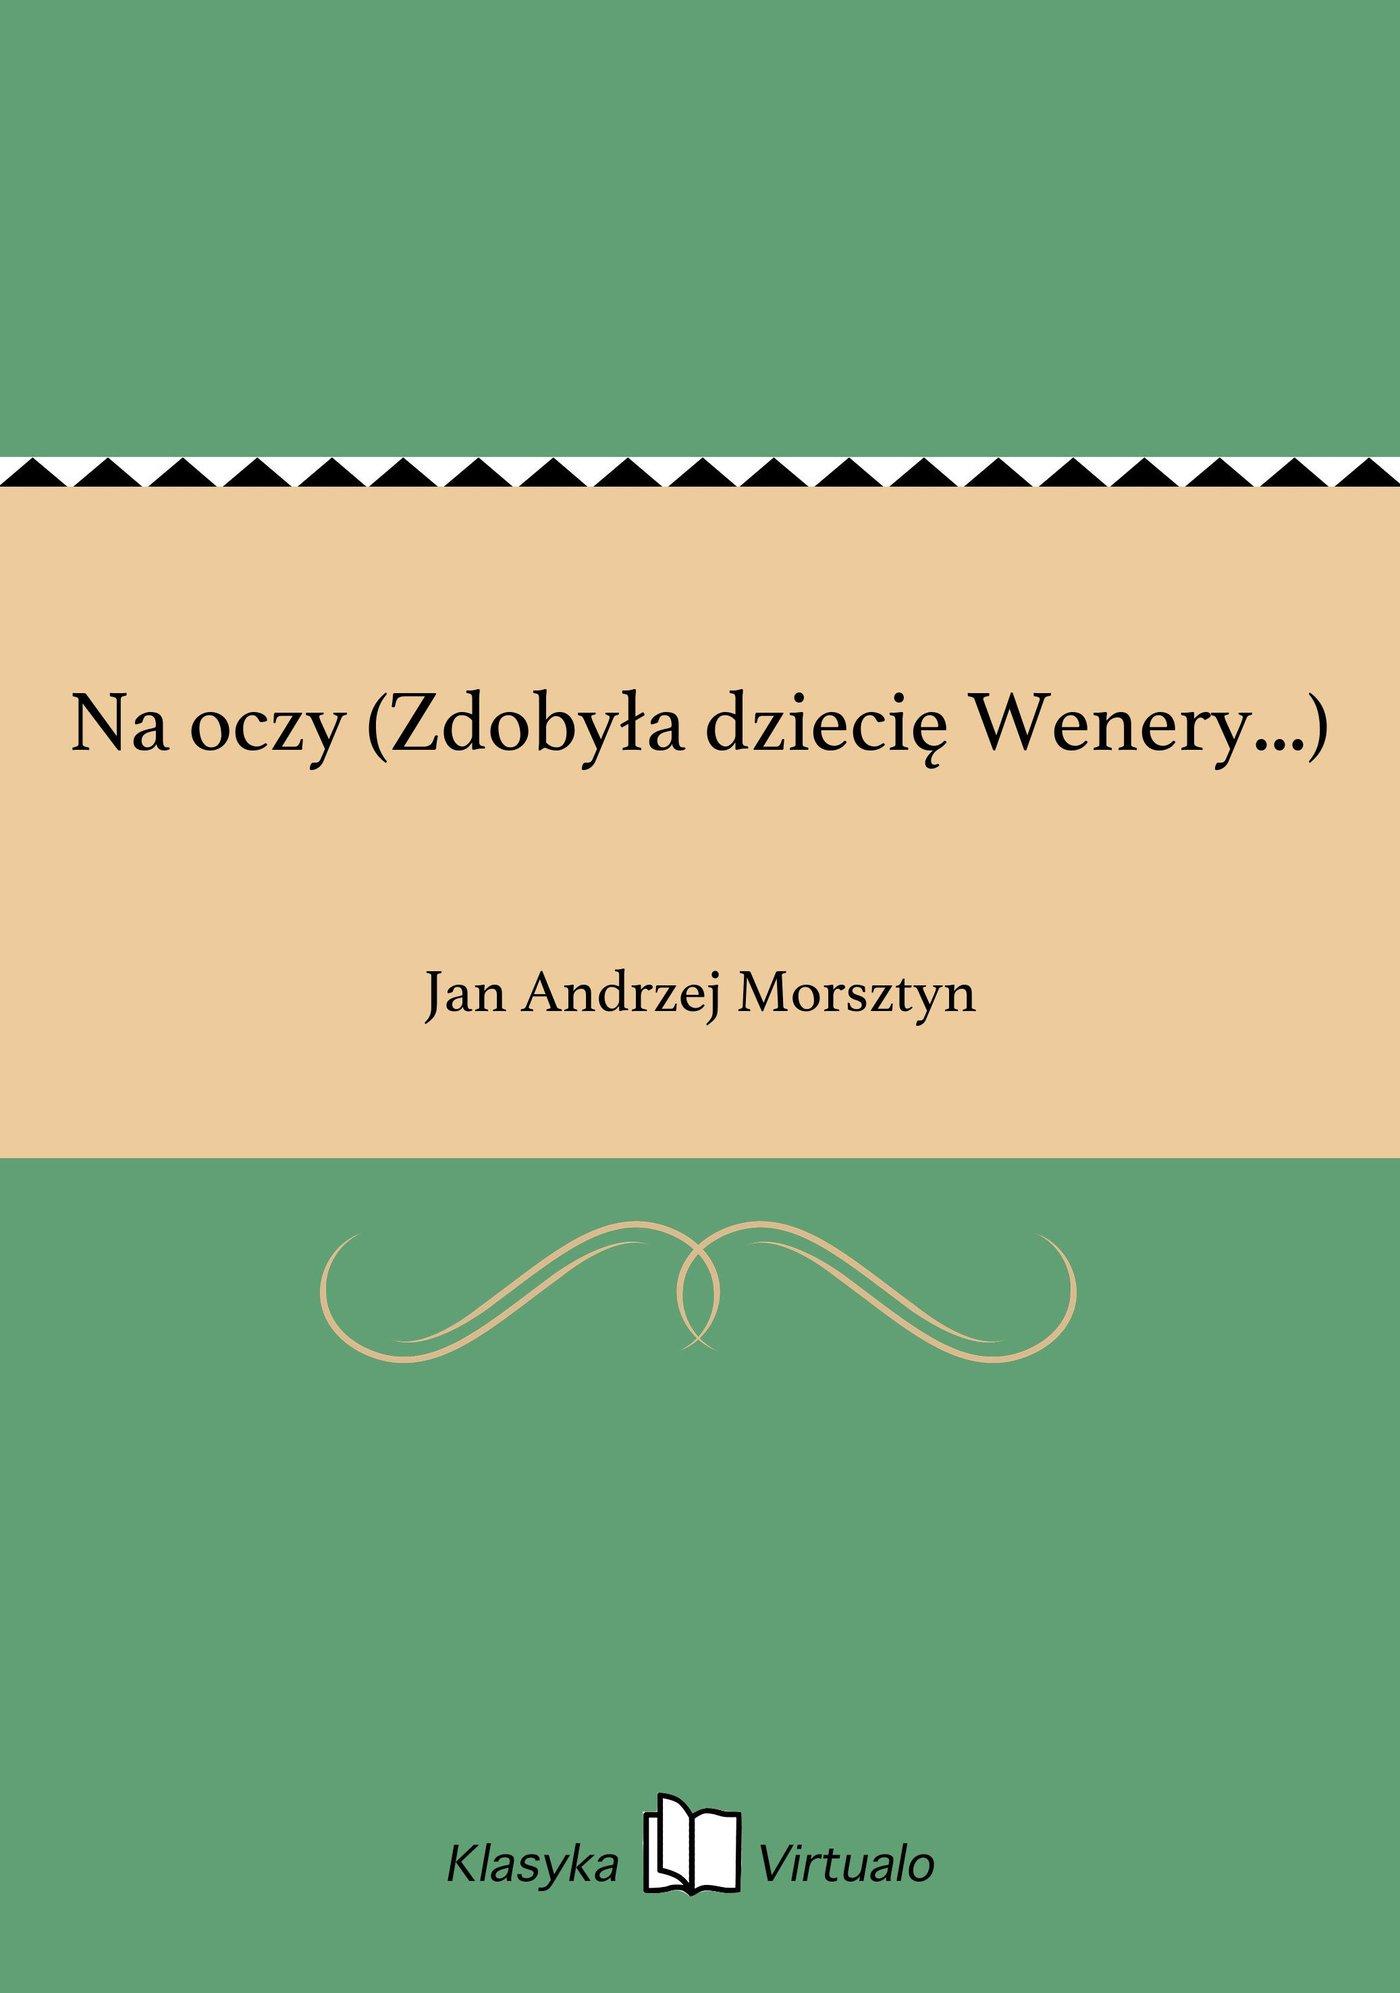 Na oczy (Zdobyła dziecię Wenery...) - Ebook (Książka na Kindle) do pobrania w formacie MOBI